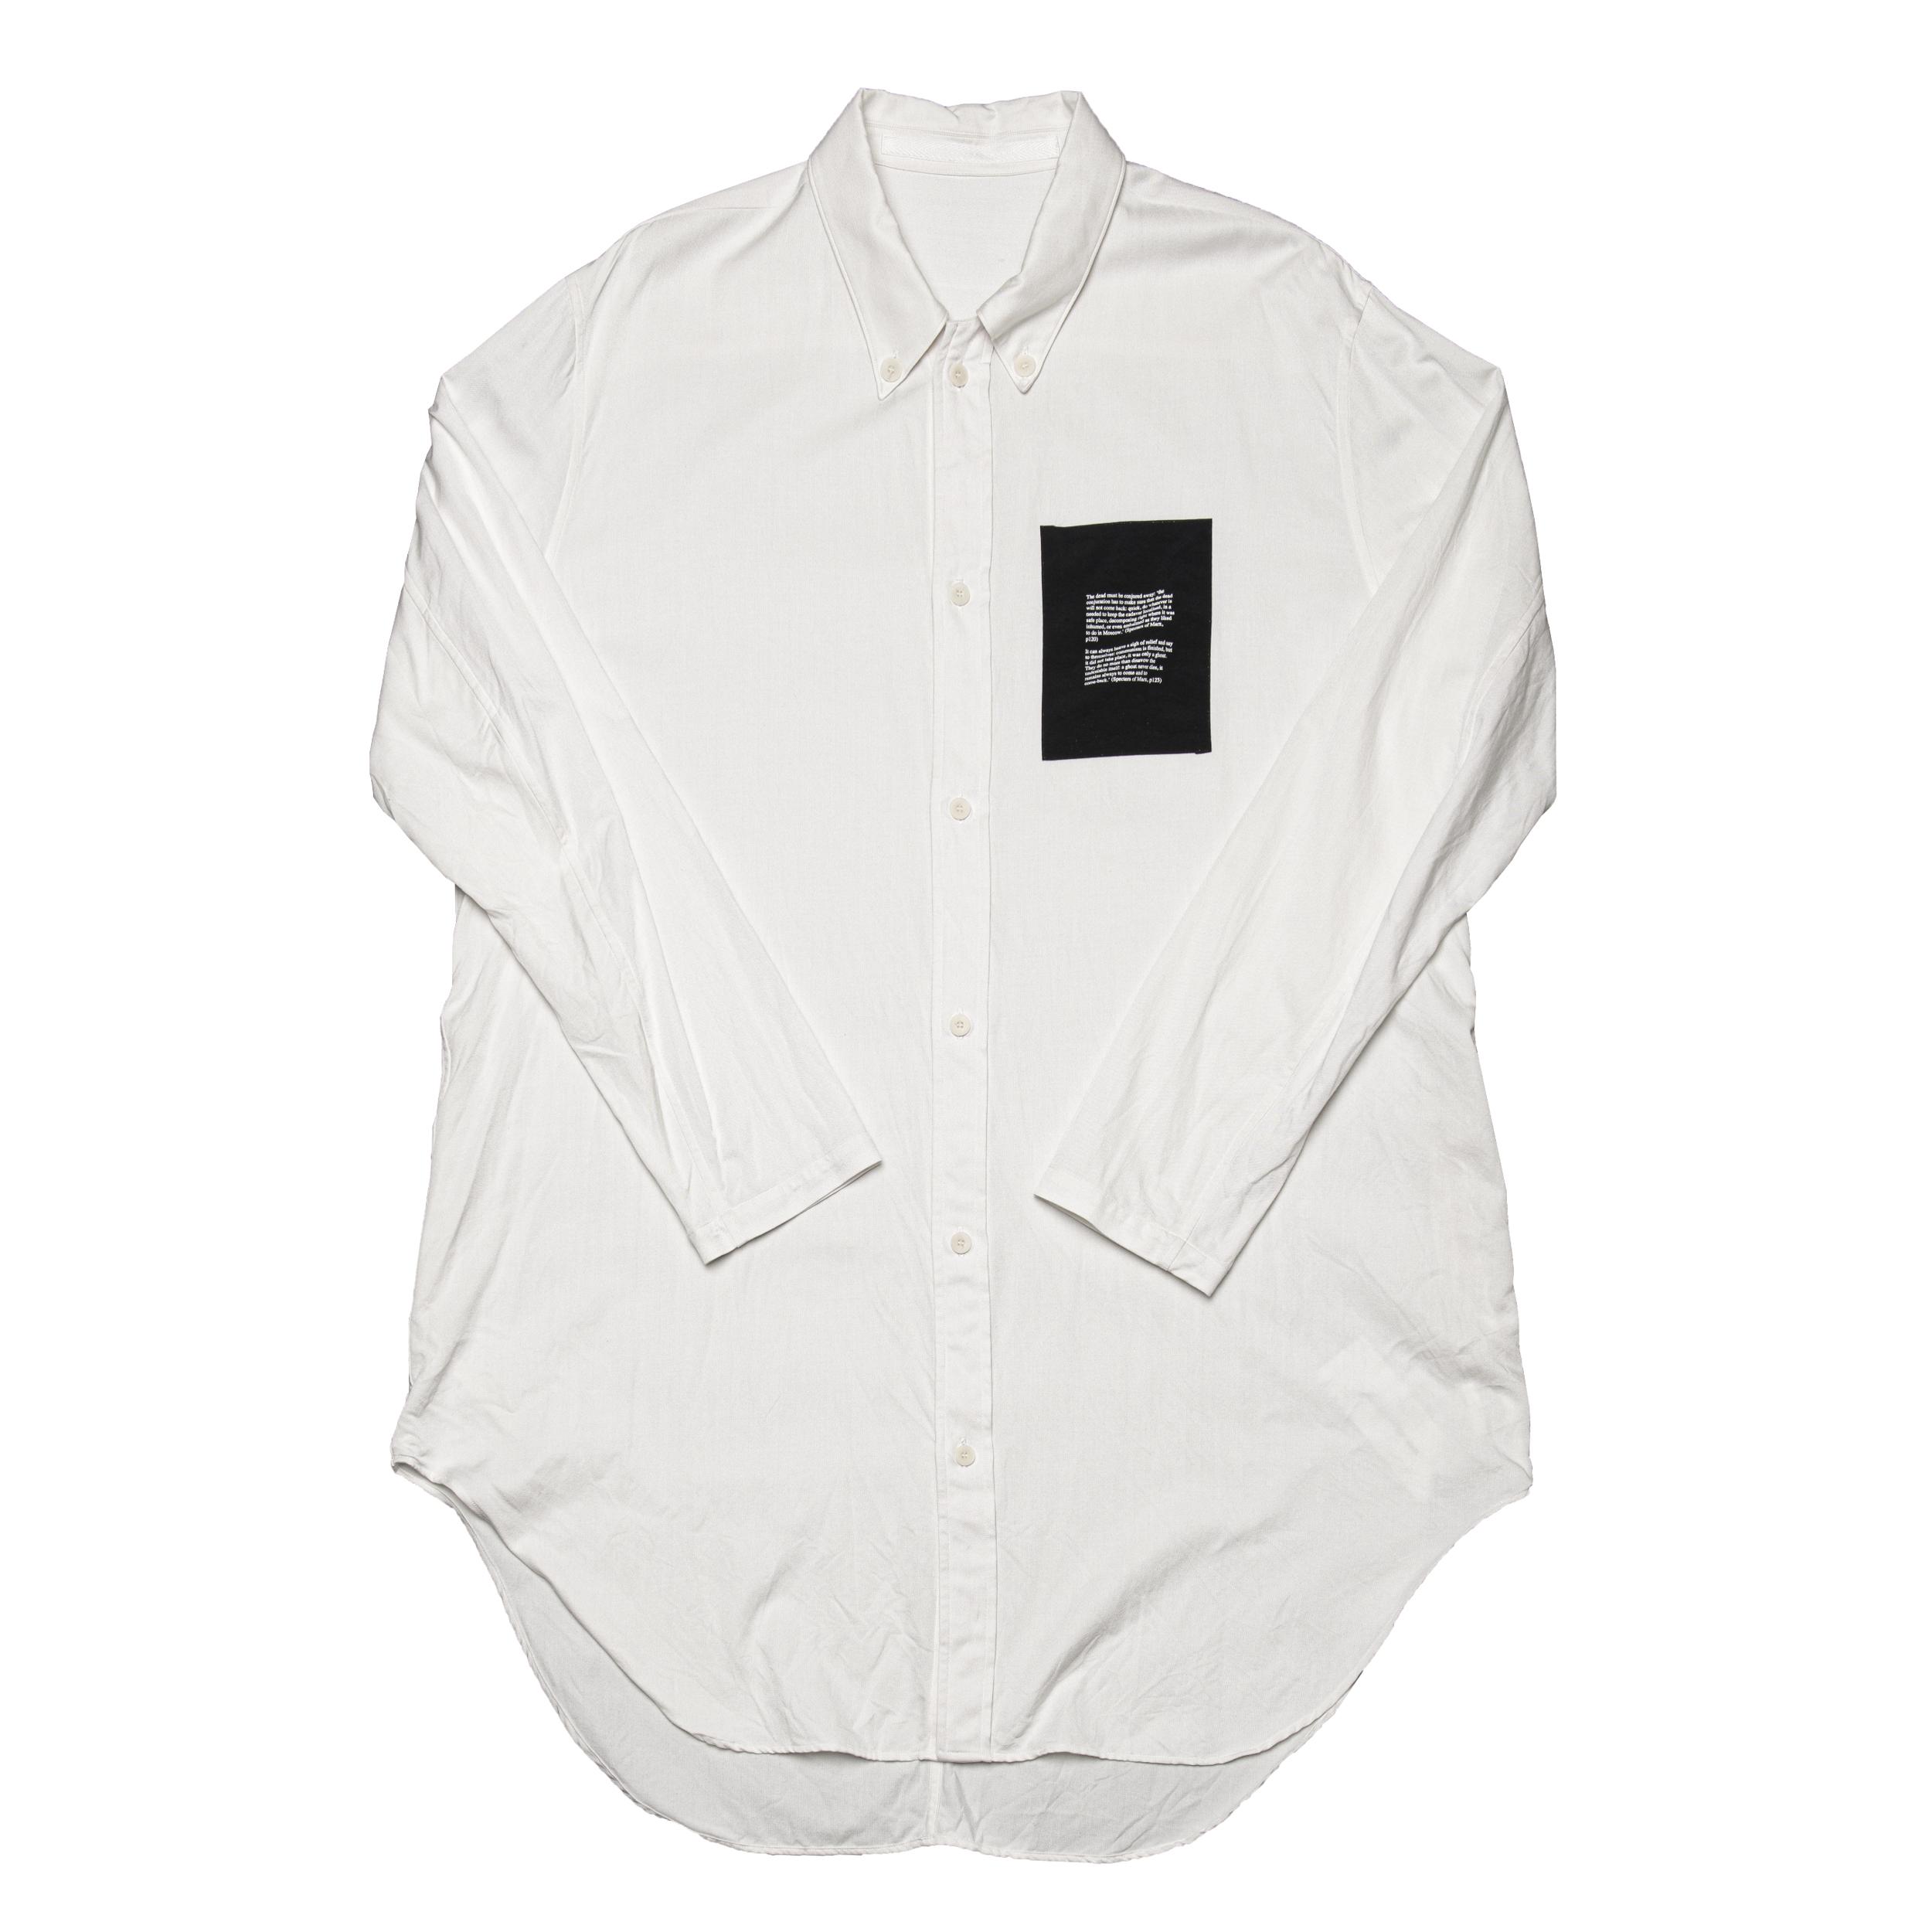 687SHM2-OFF / ドローコードロングシャツ